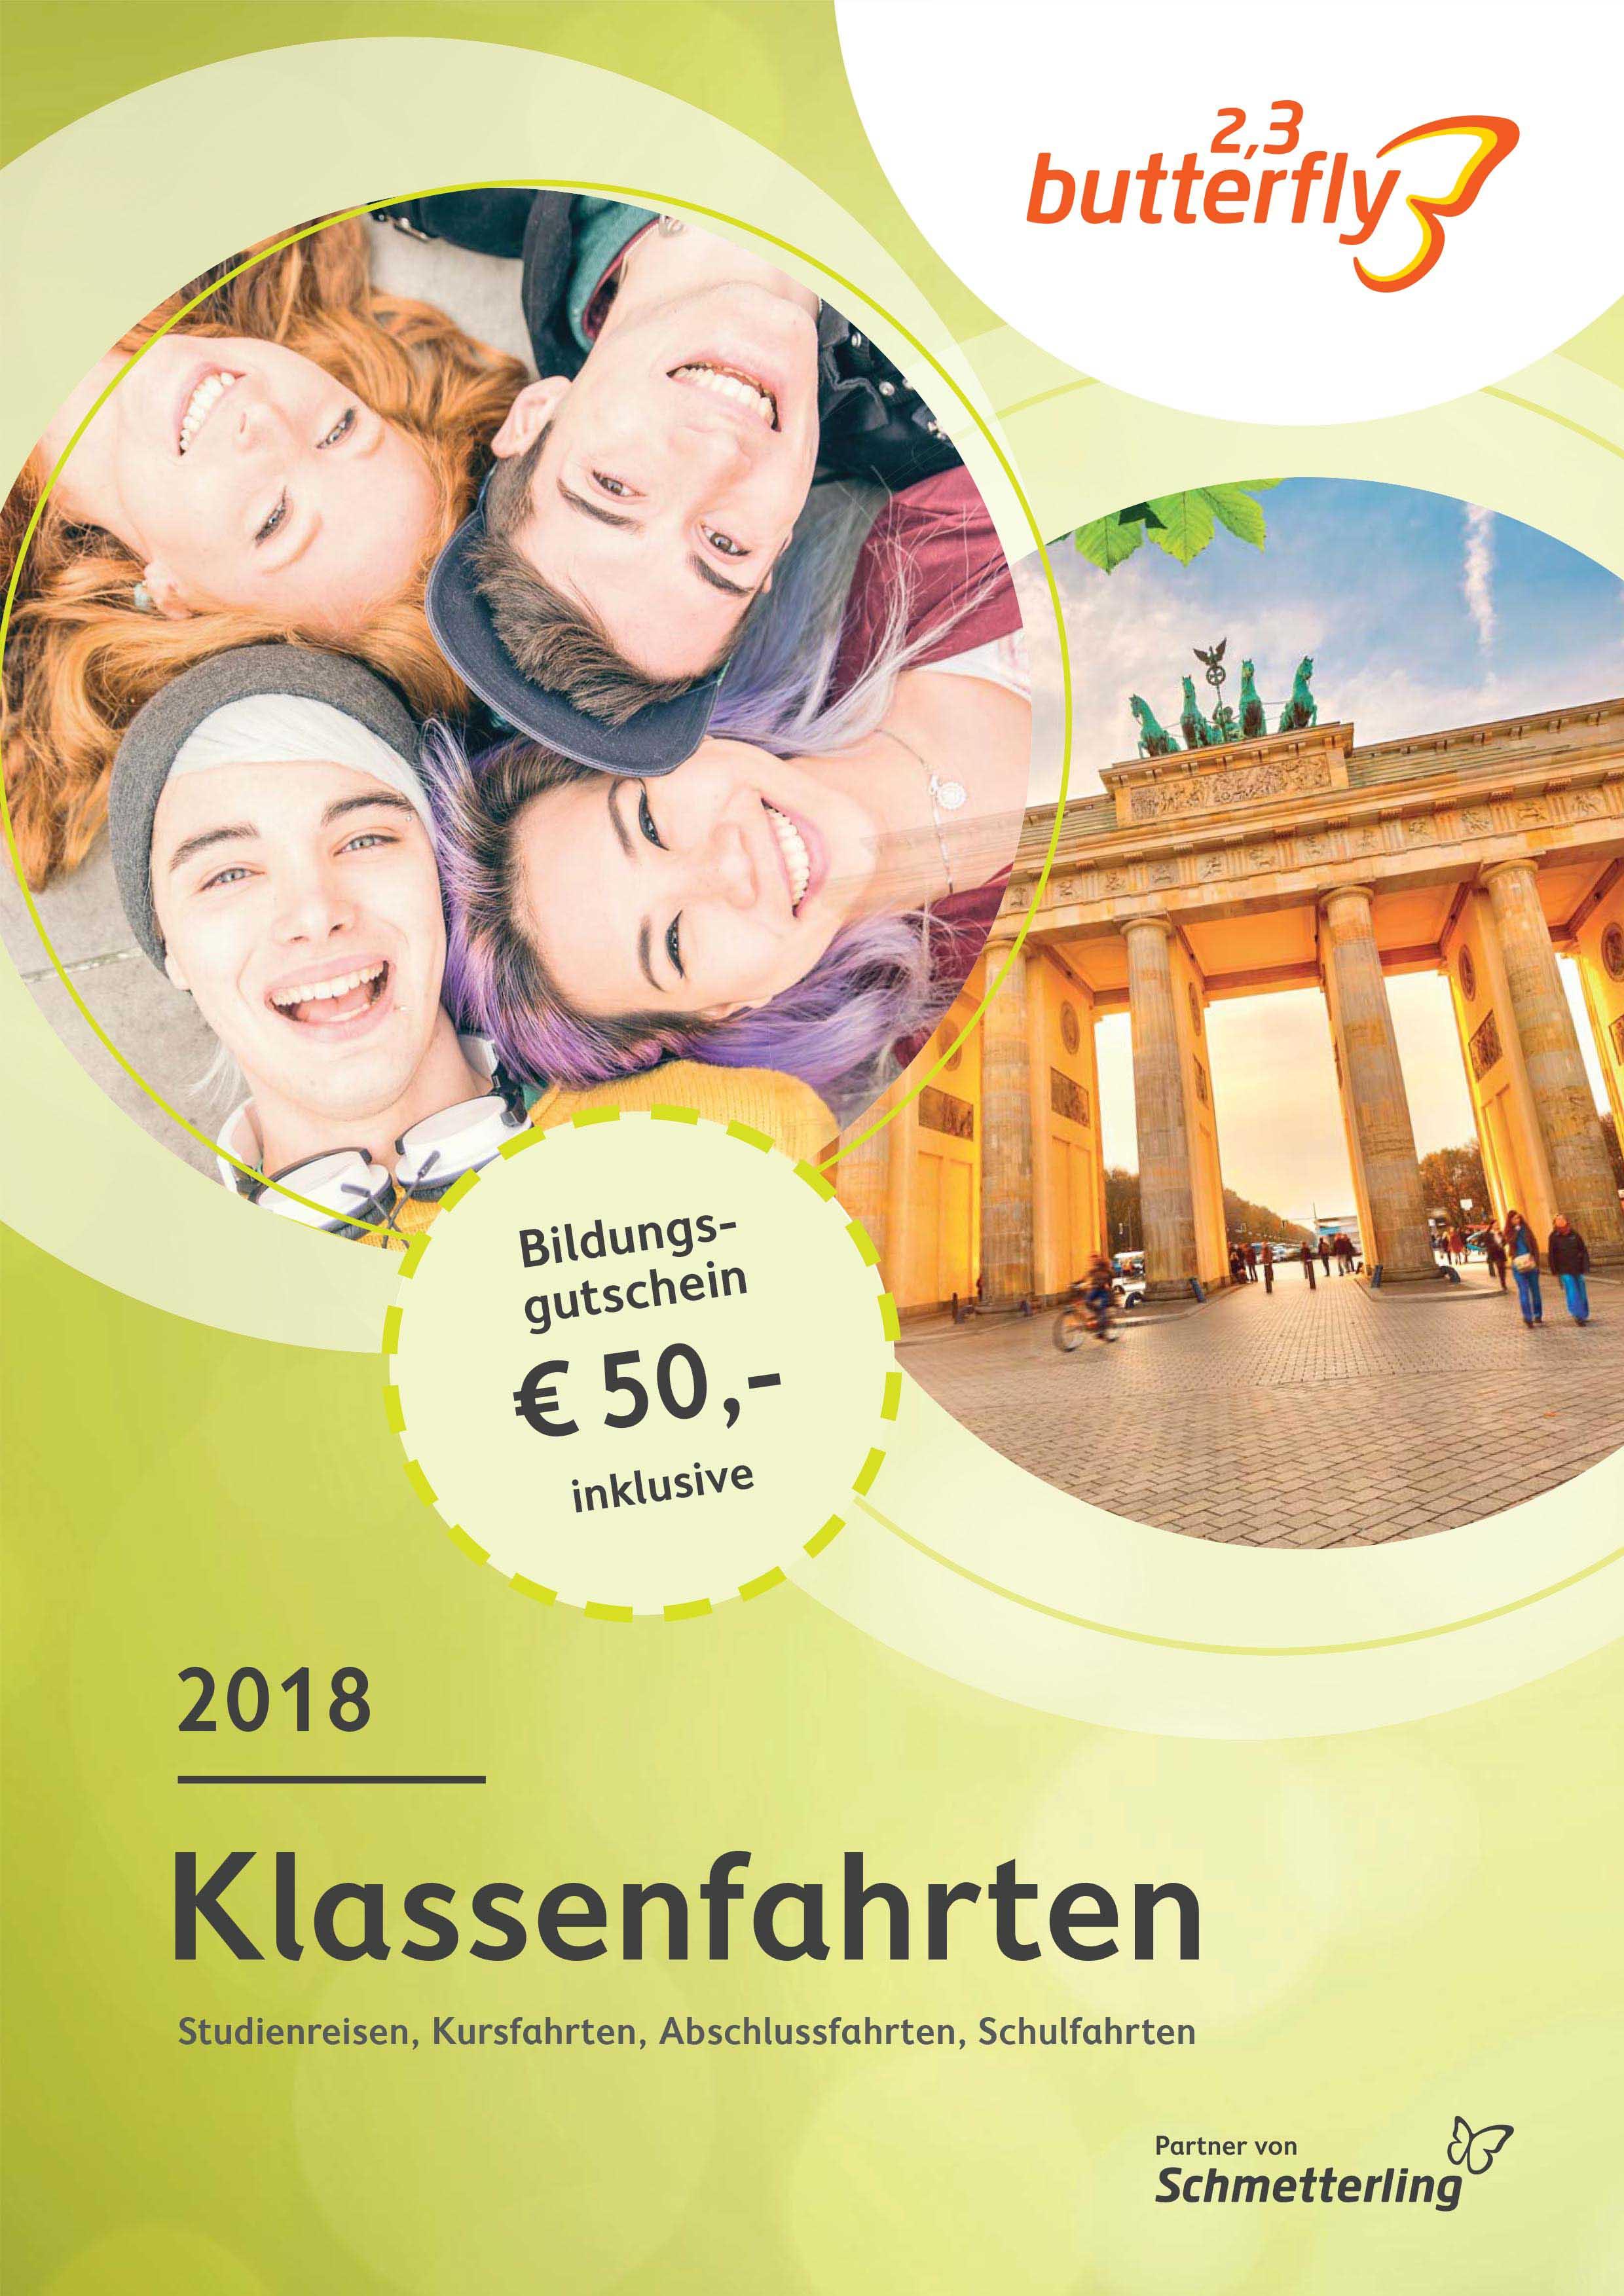 Der neue Klassenfahrten-Katalog 2018 ist da!